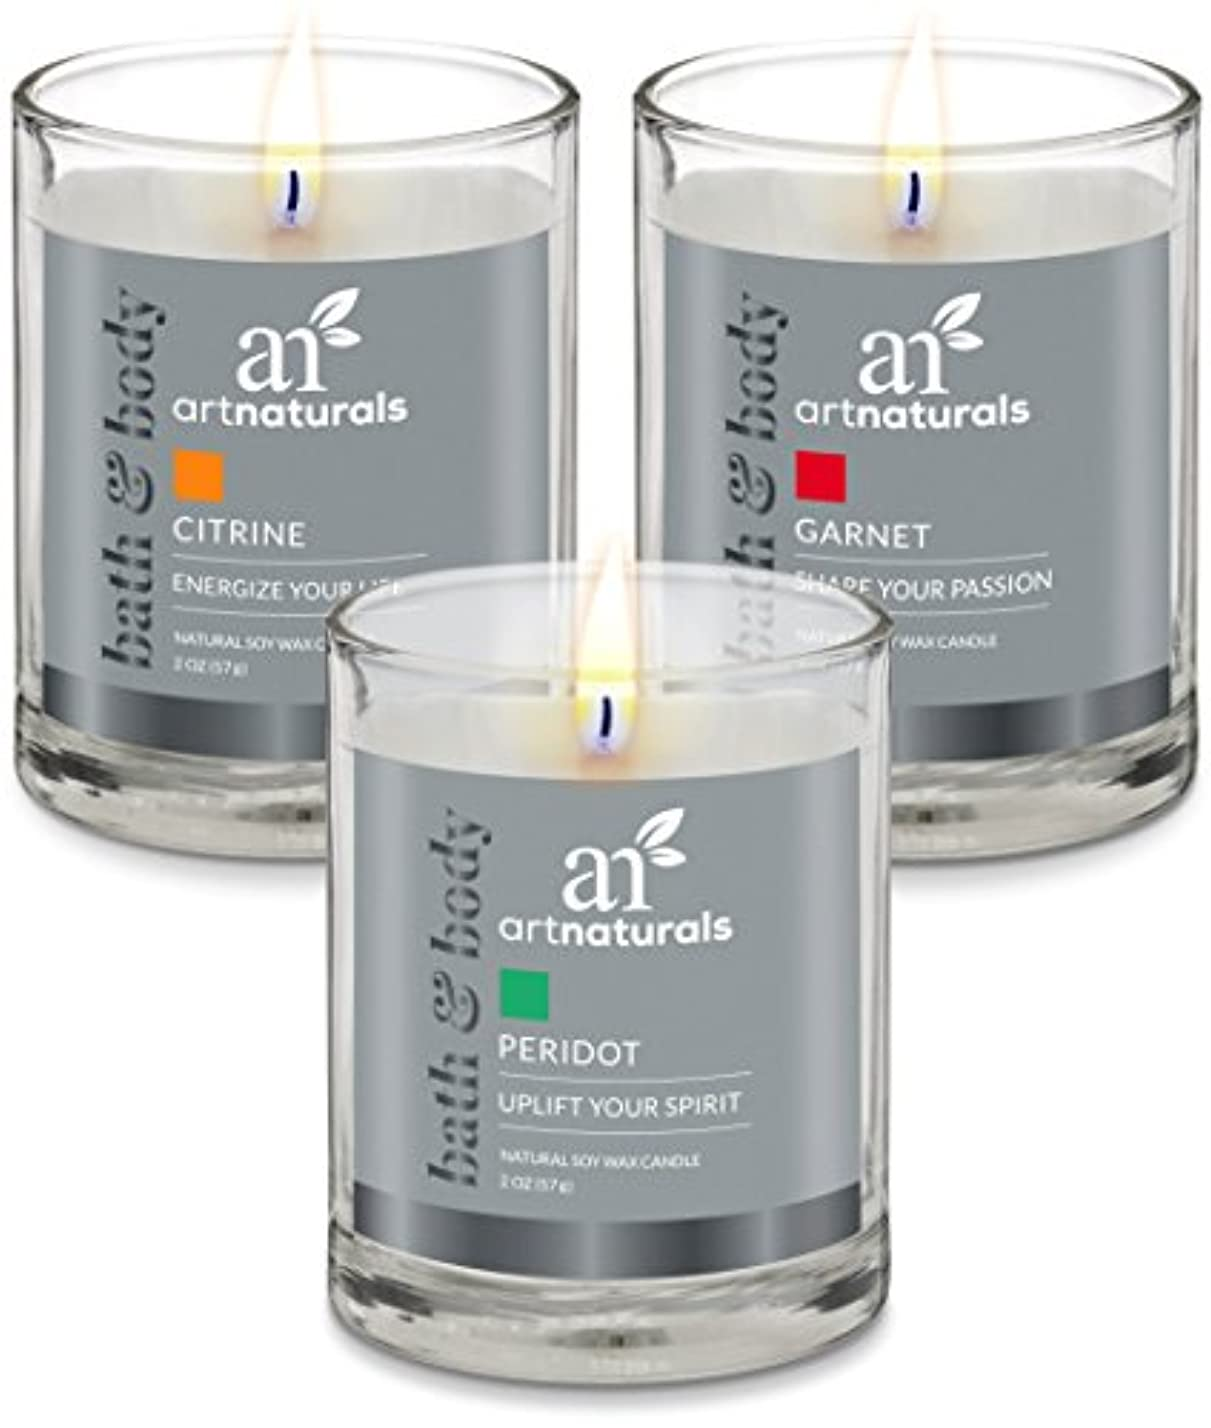 鳴り響くスナップ追い付くArtNaturals Scented Candle Gift Set – 6 PieceアロマセラピーのセットFragrance大豆ワックス – Made in USA with Essential Oils – For...